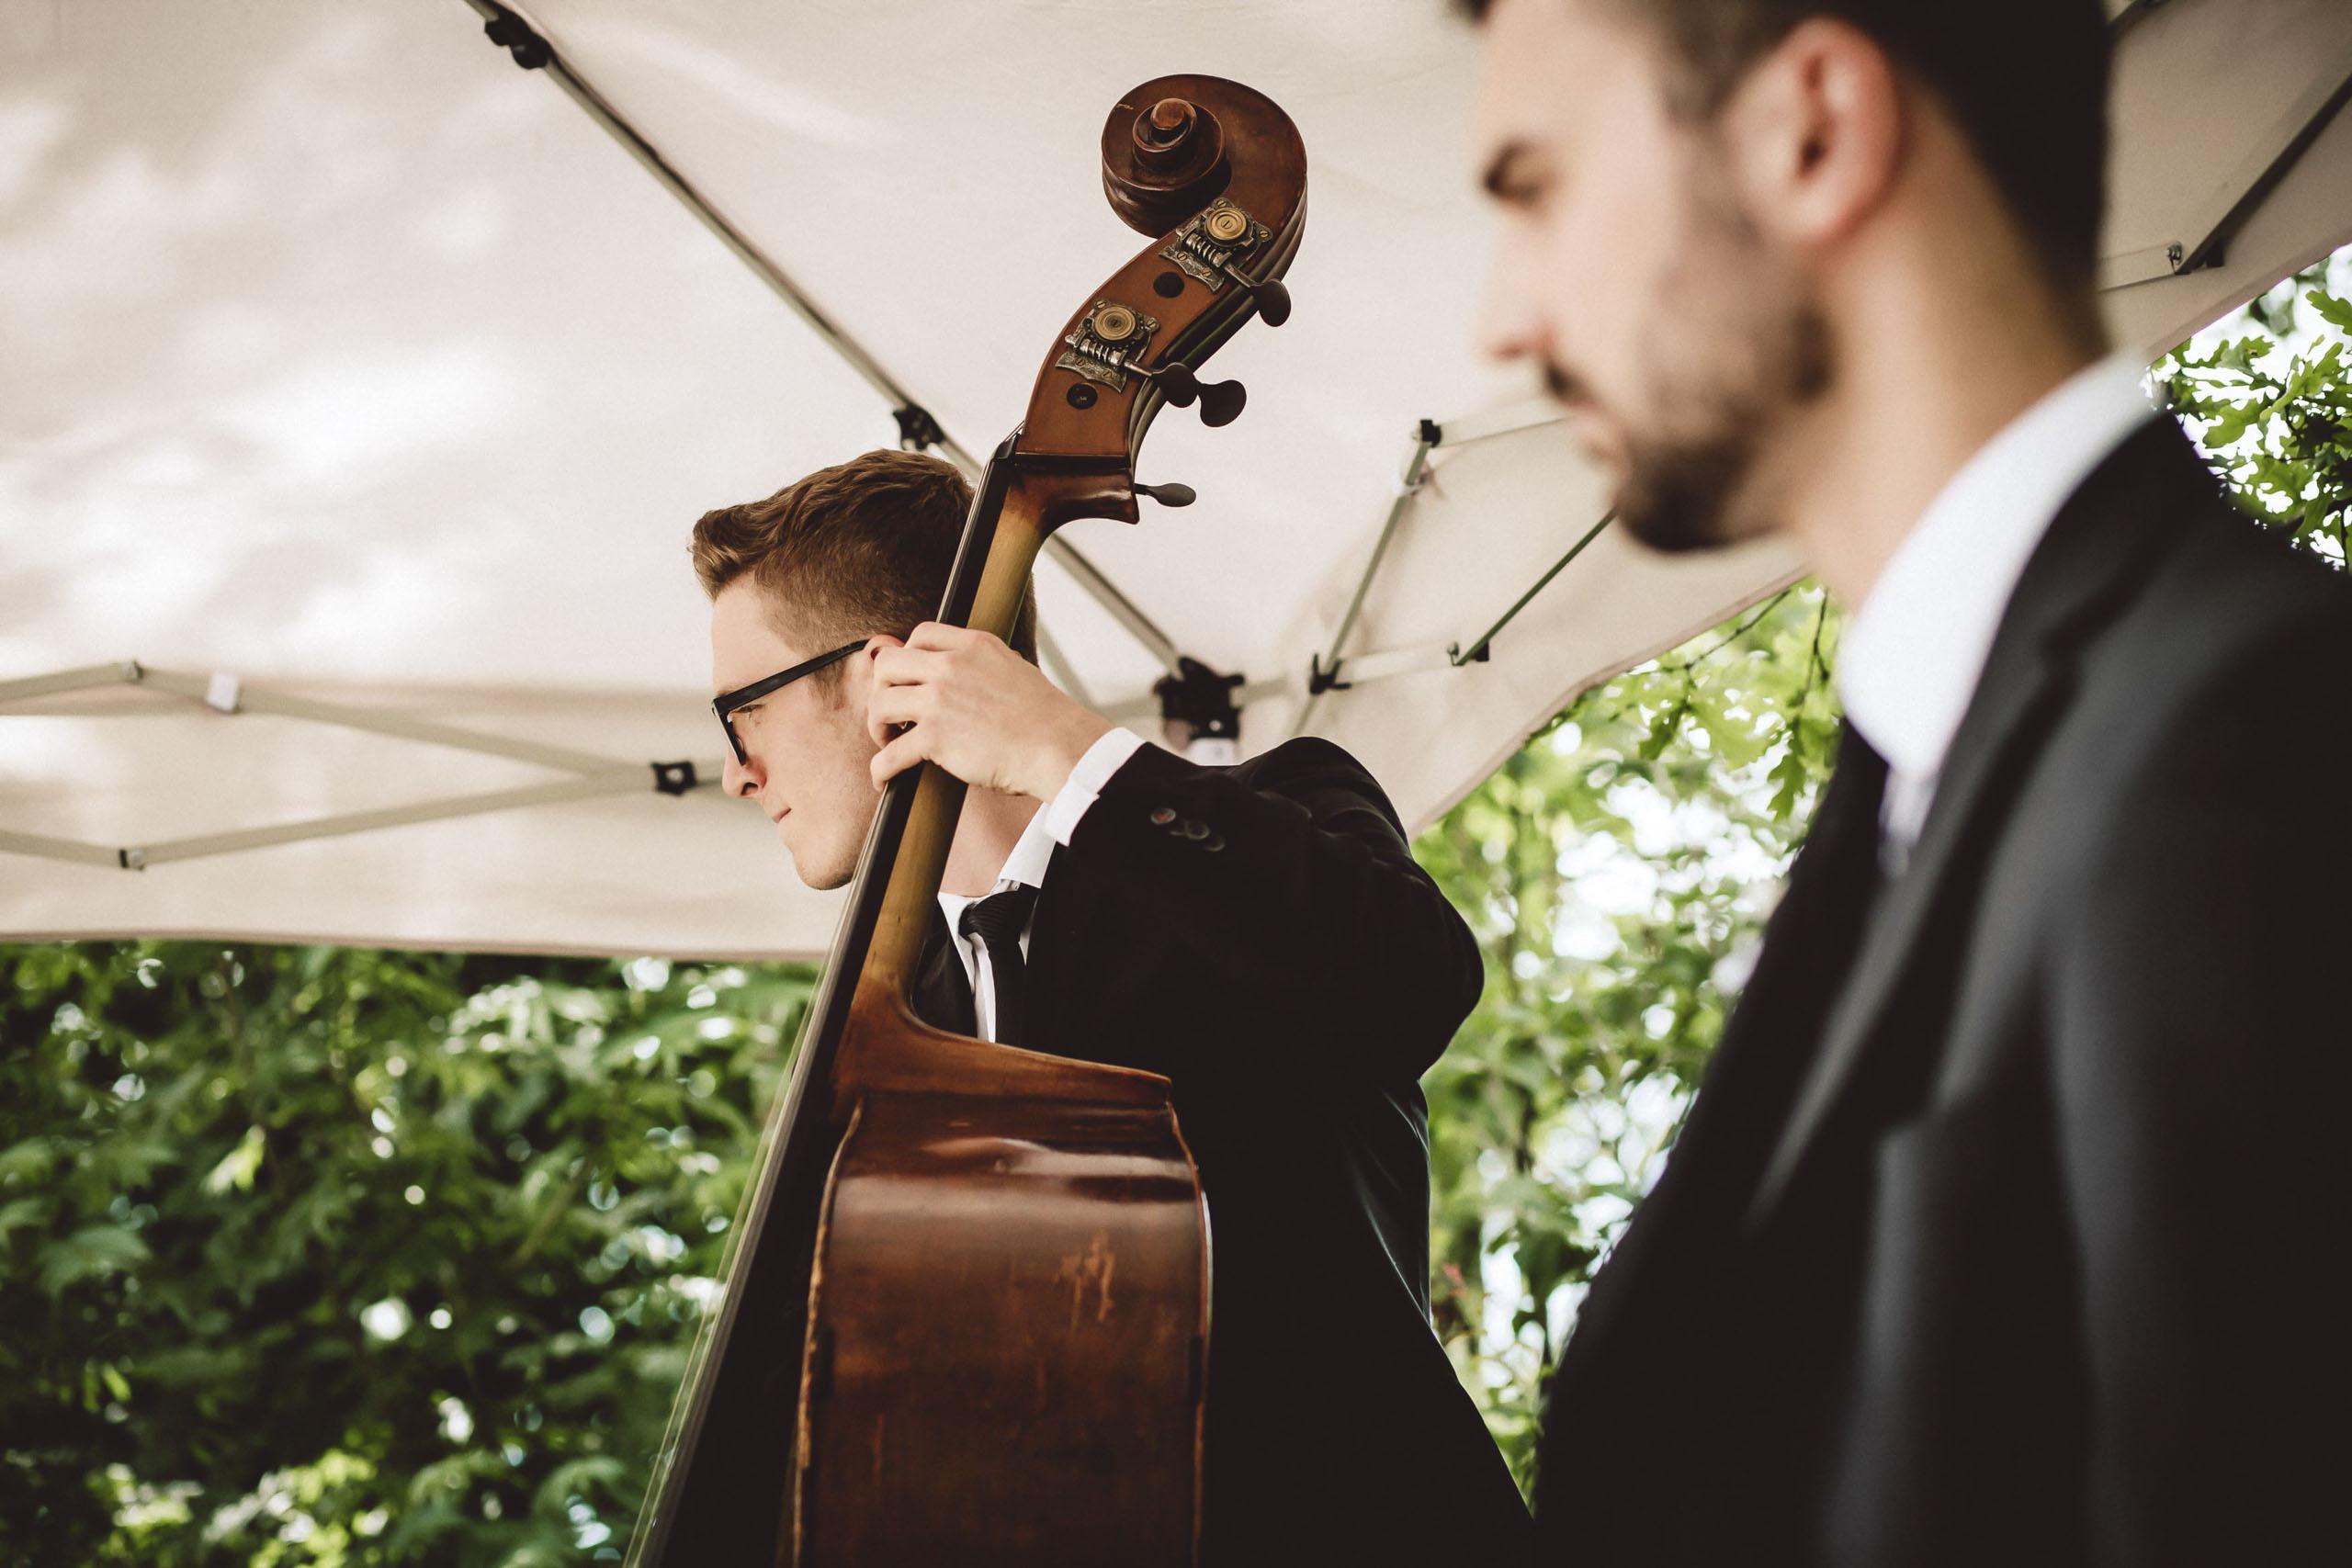 Hochzeitsband, Bolandi Trio mit Sängerin Regy, live auf einer Hochzeit in München, Bayern 2019